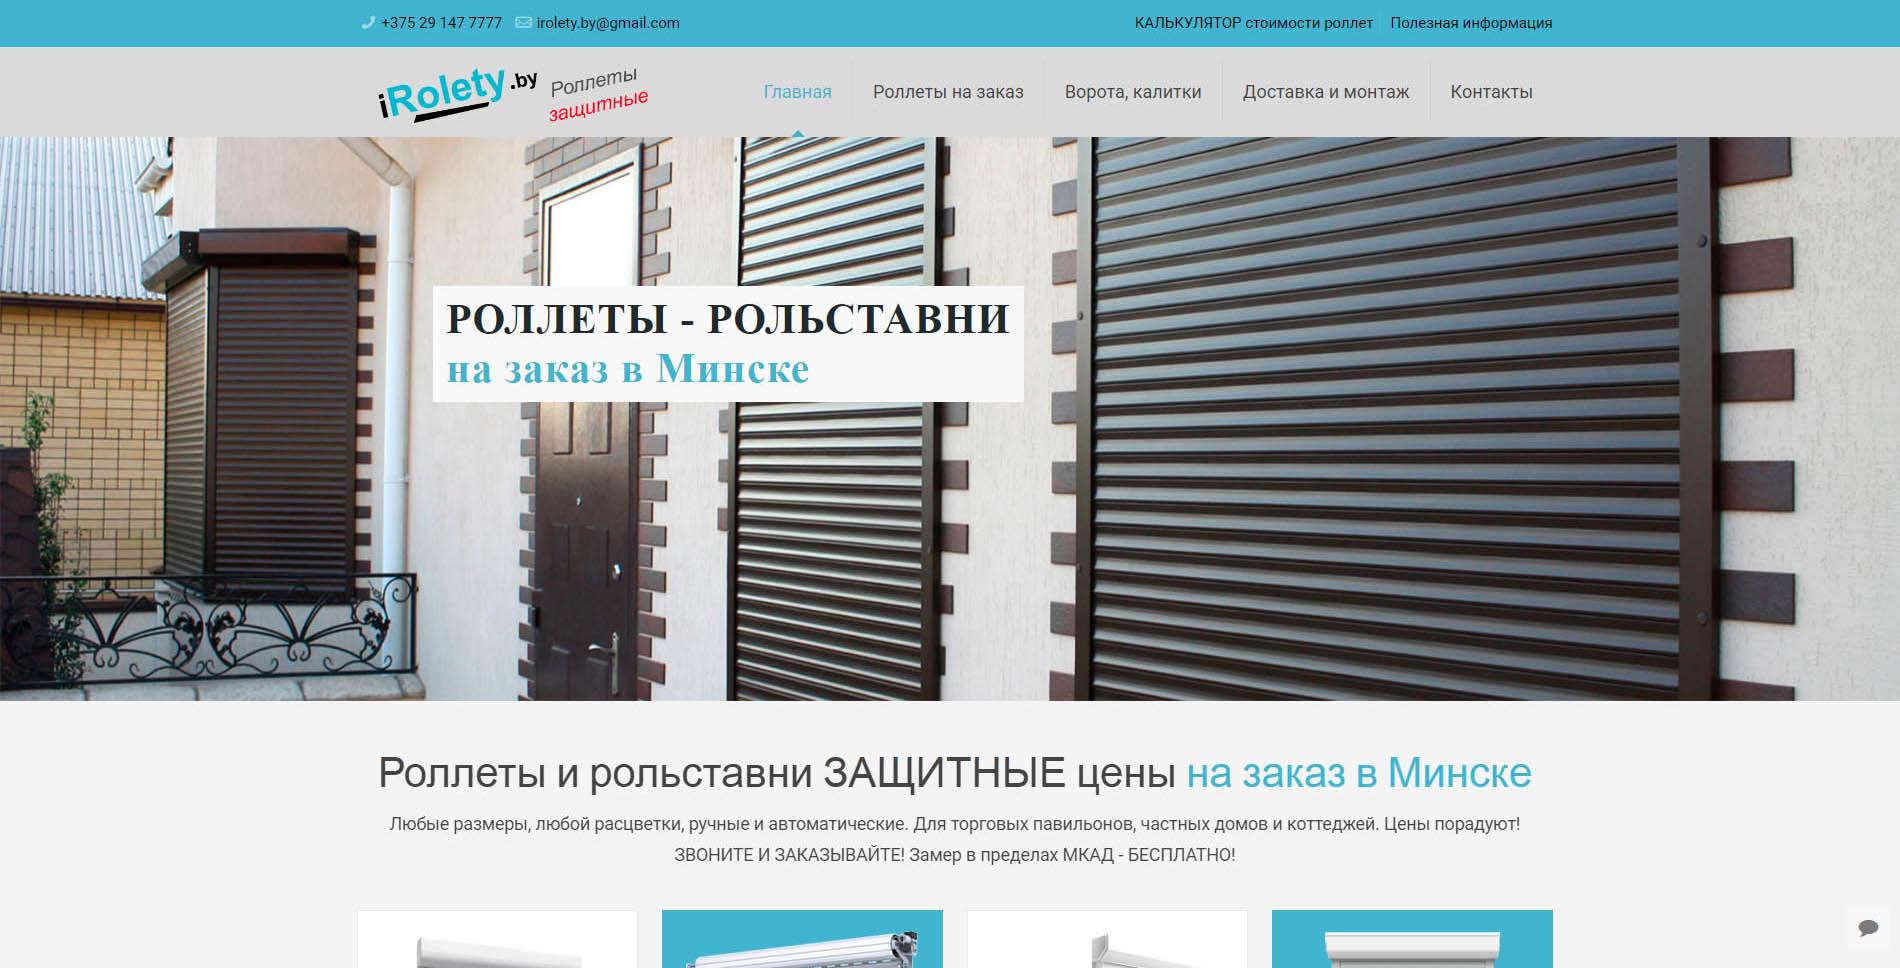 http://razrabotka-sajtov.by/wp-content/uploads/2020/04/rolstavni.jpg